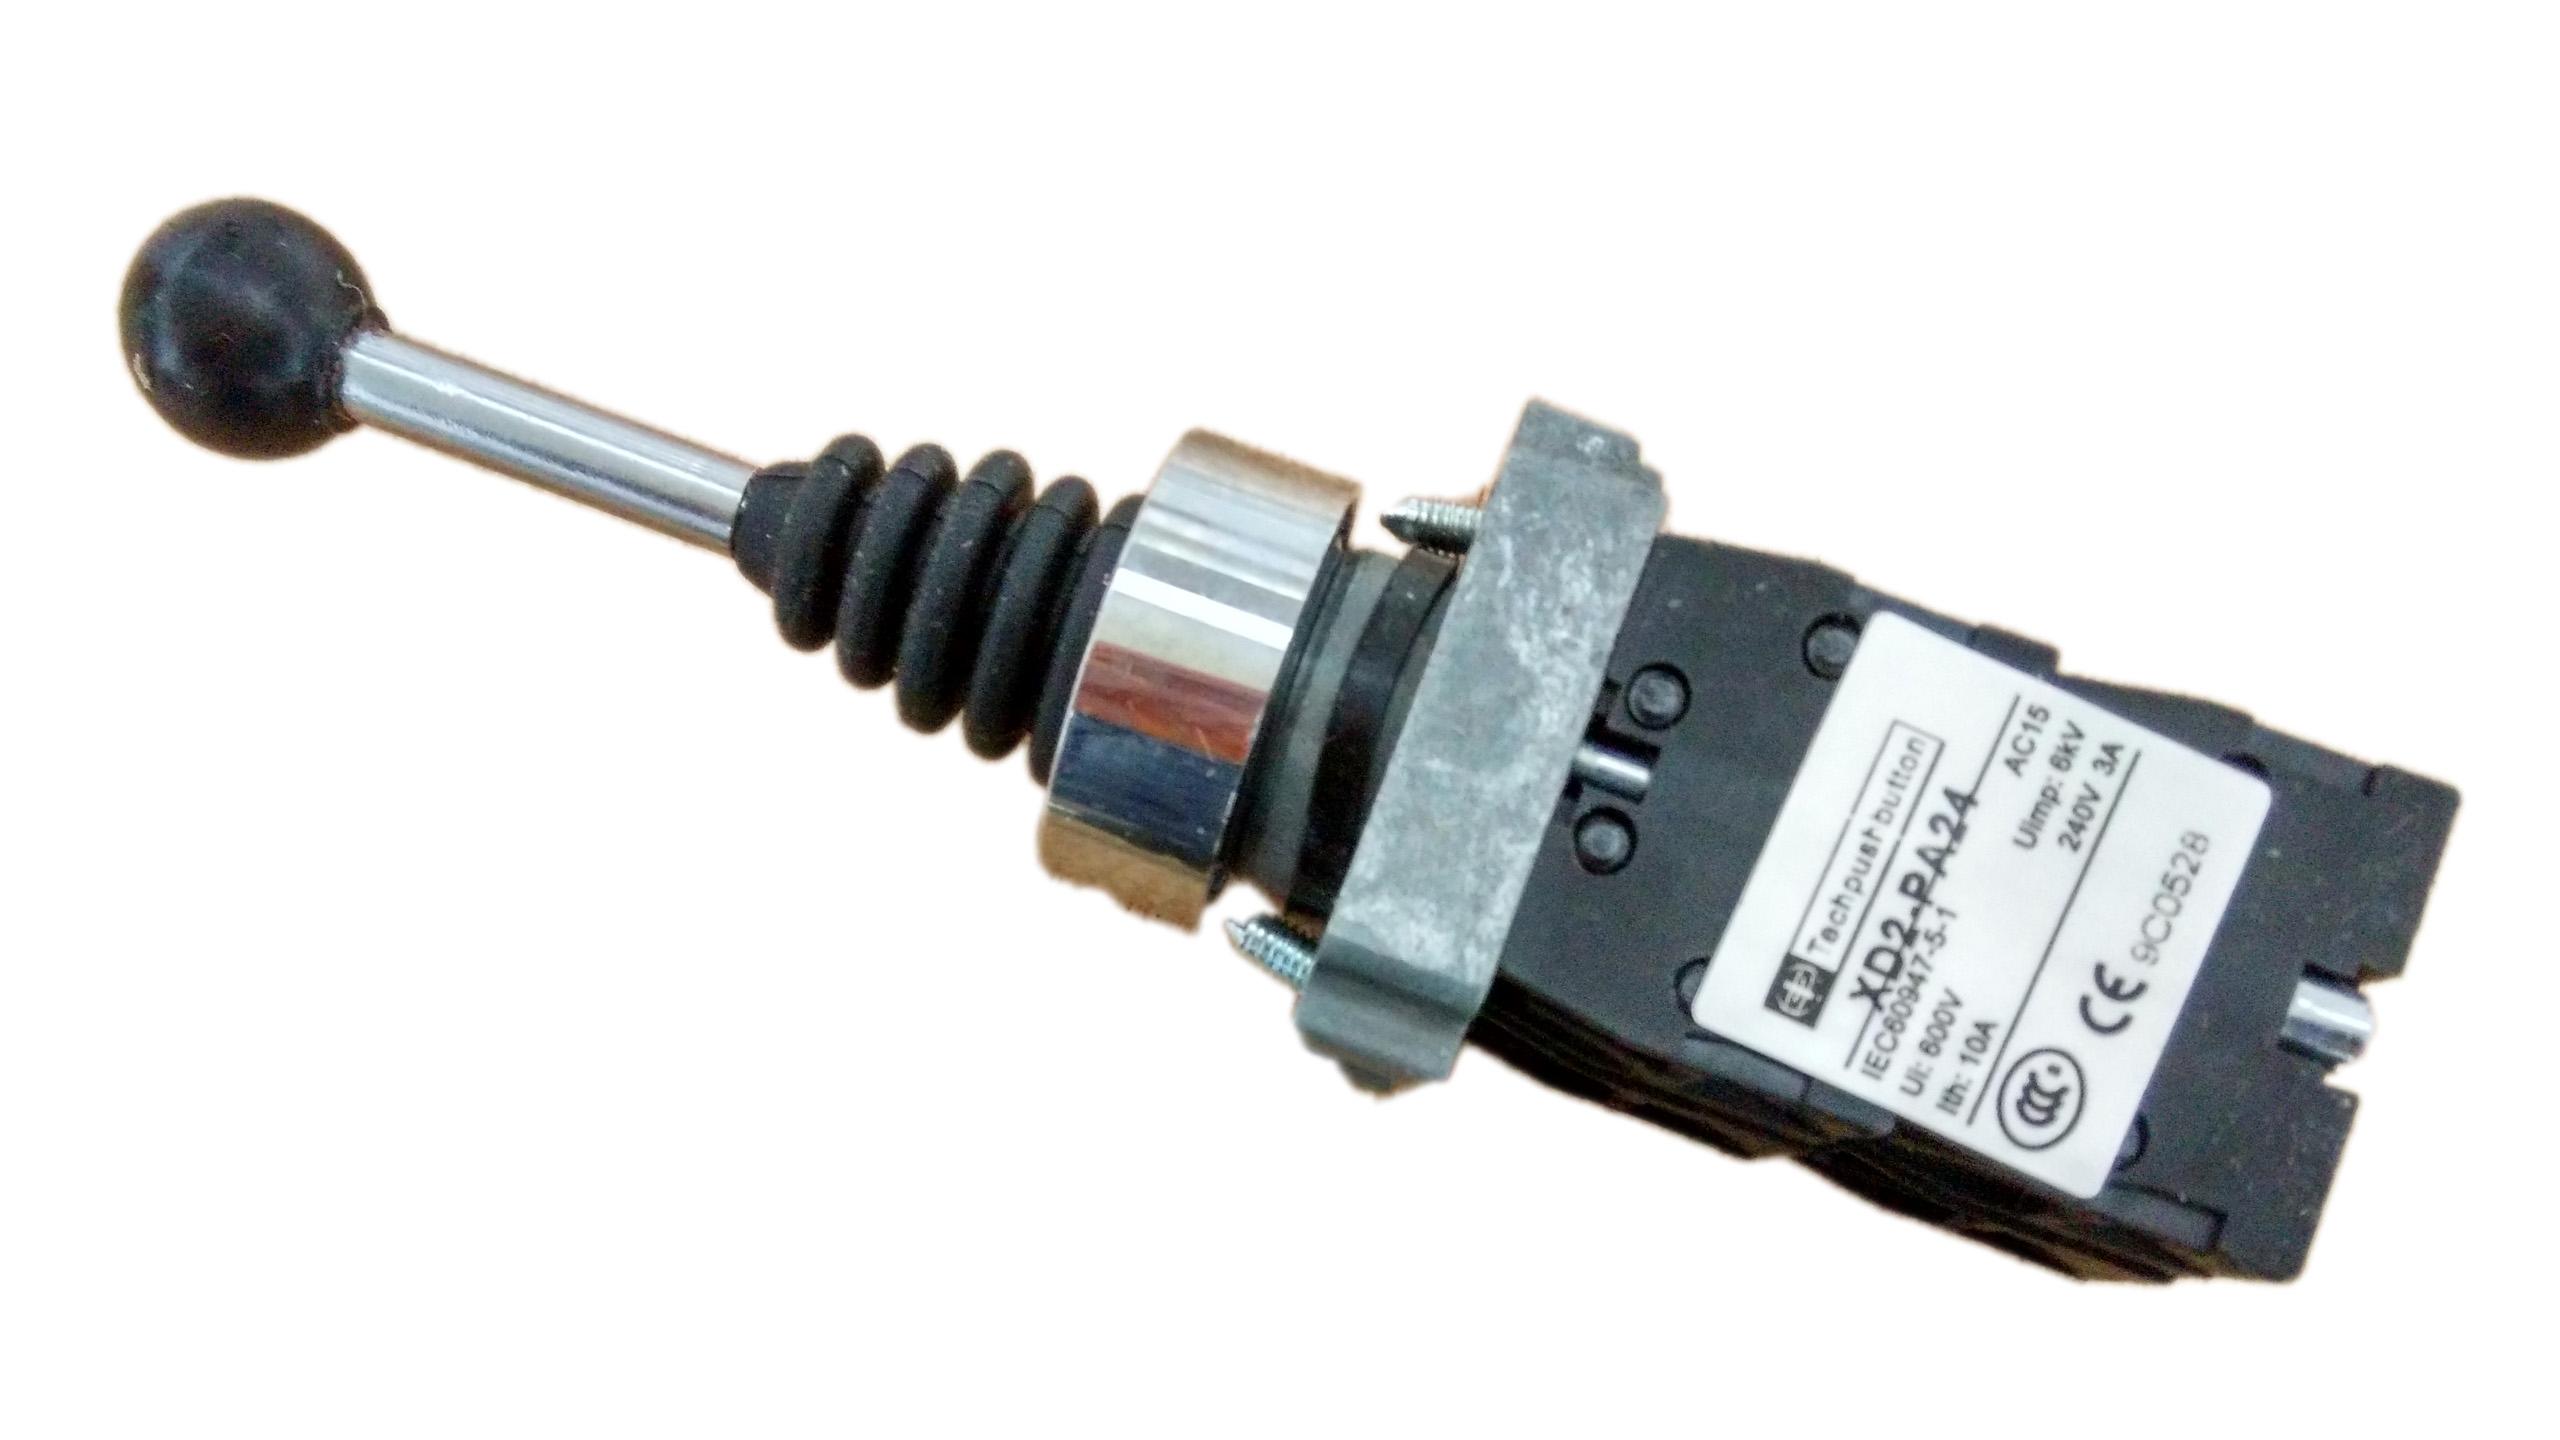 JOYSTICK 4-позиционный электрический манипулятор